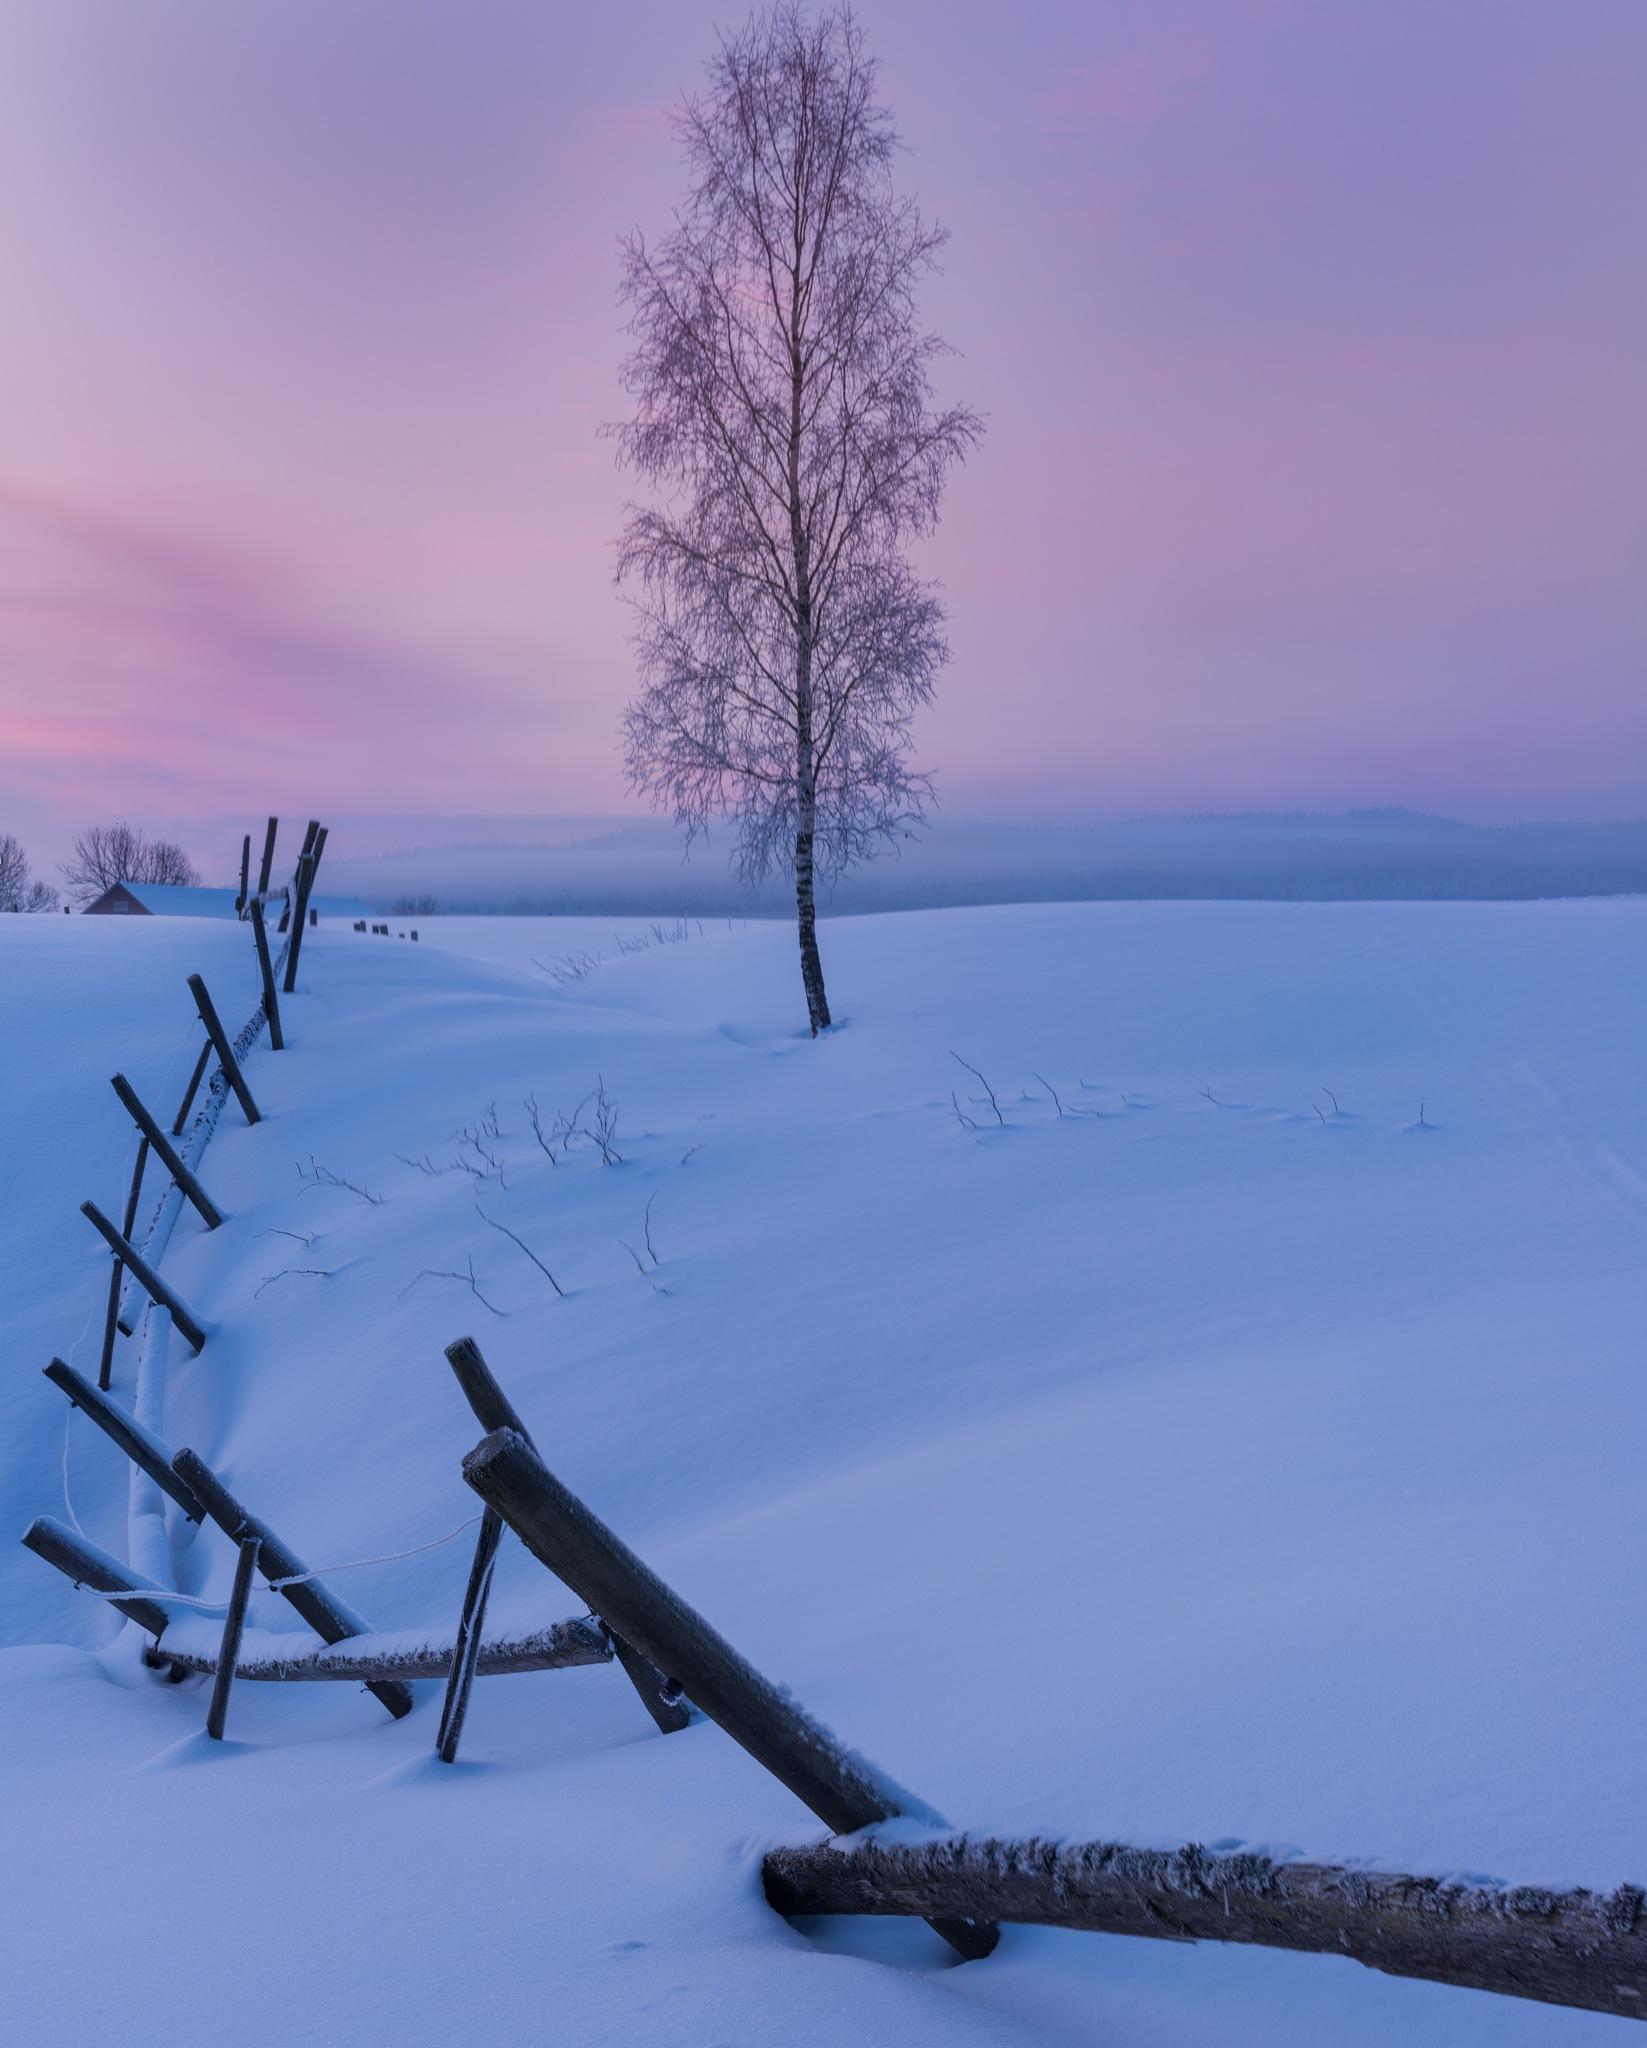 Winter magic by Ermedin Islamcevic